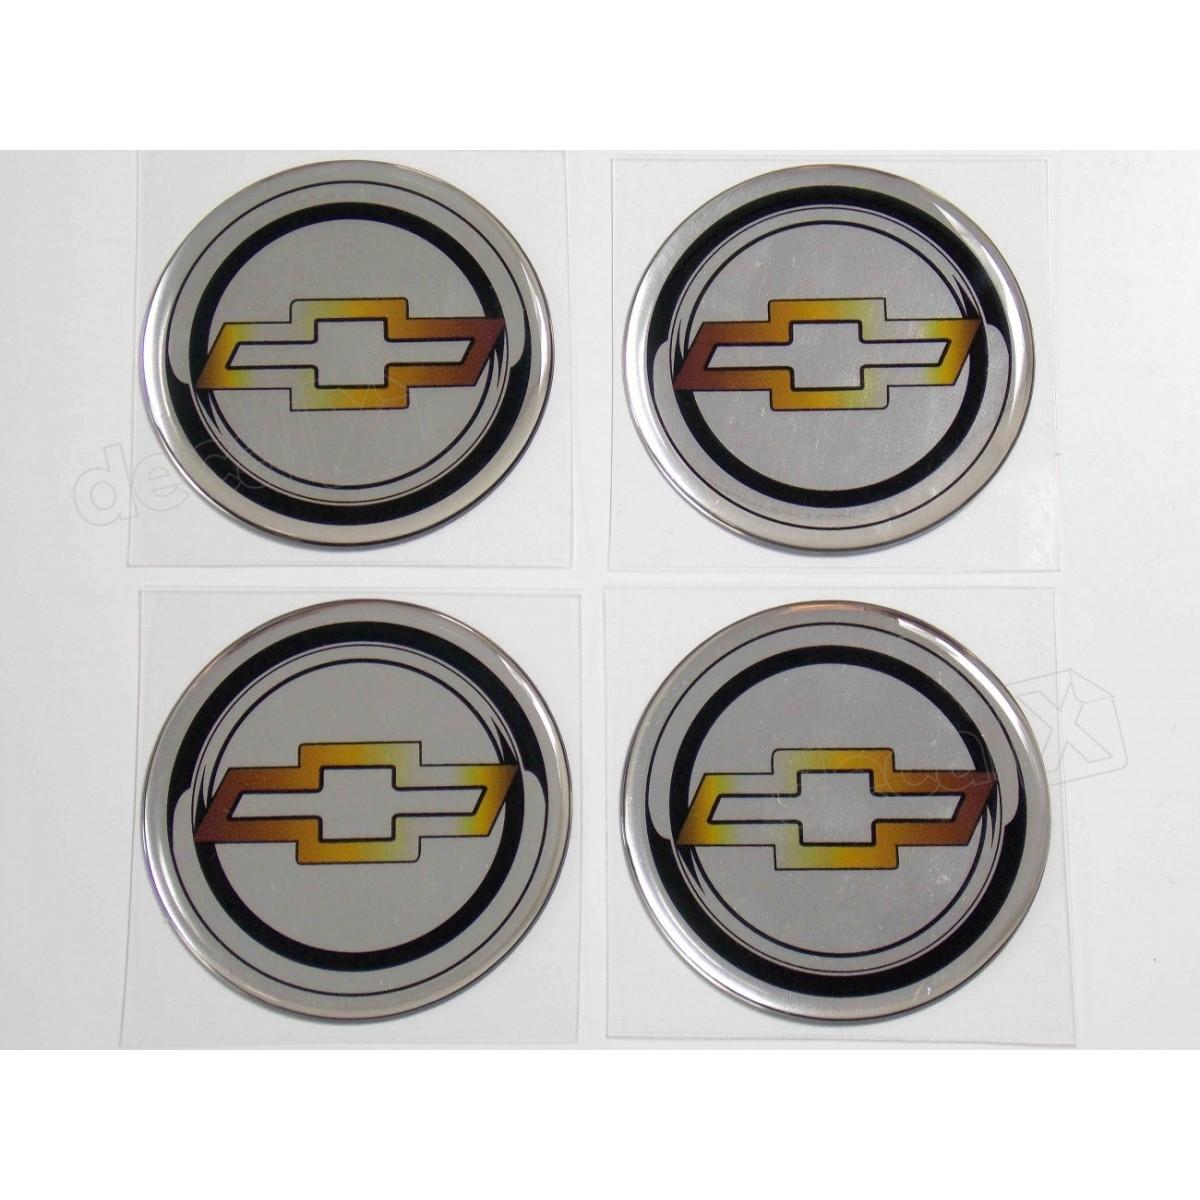 Adesivo Emblema Resinado Roda Chevrolet 48mm Cl1